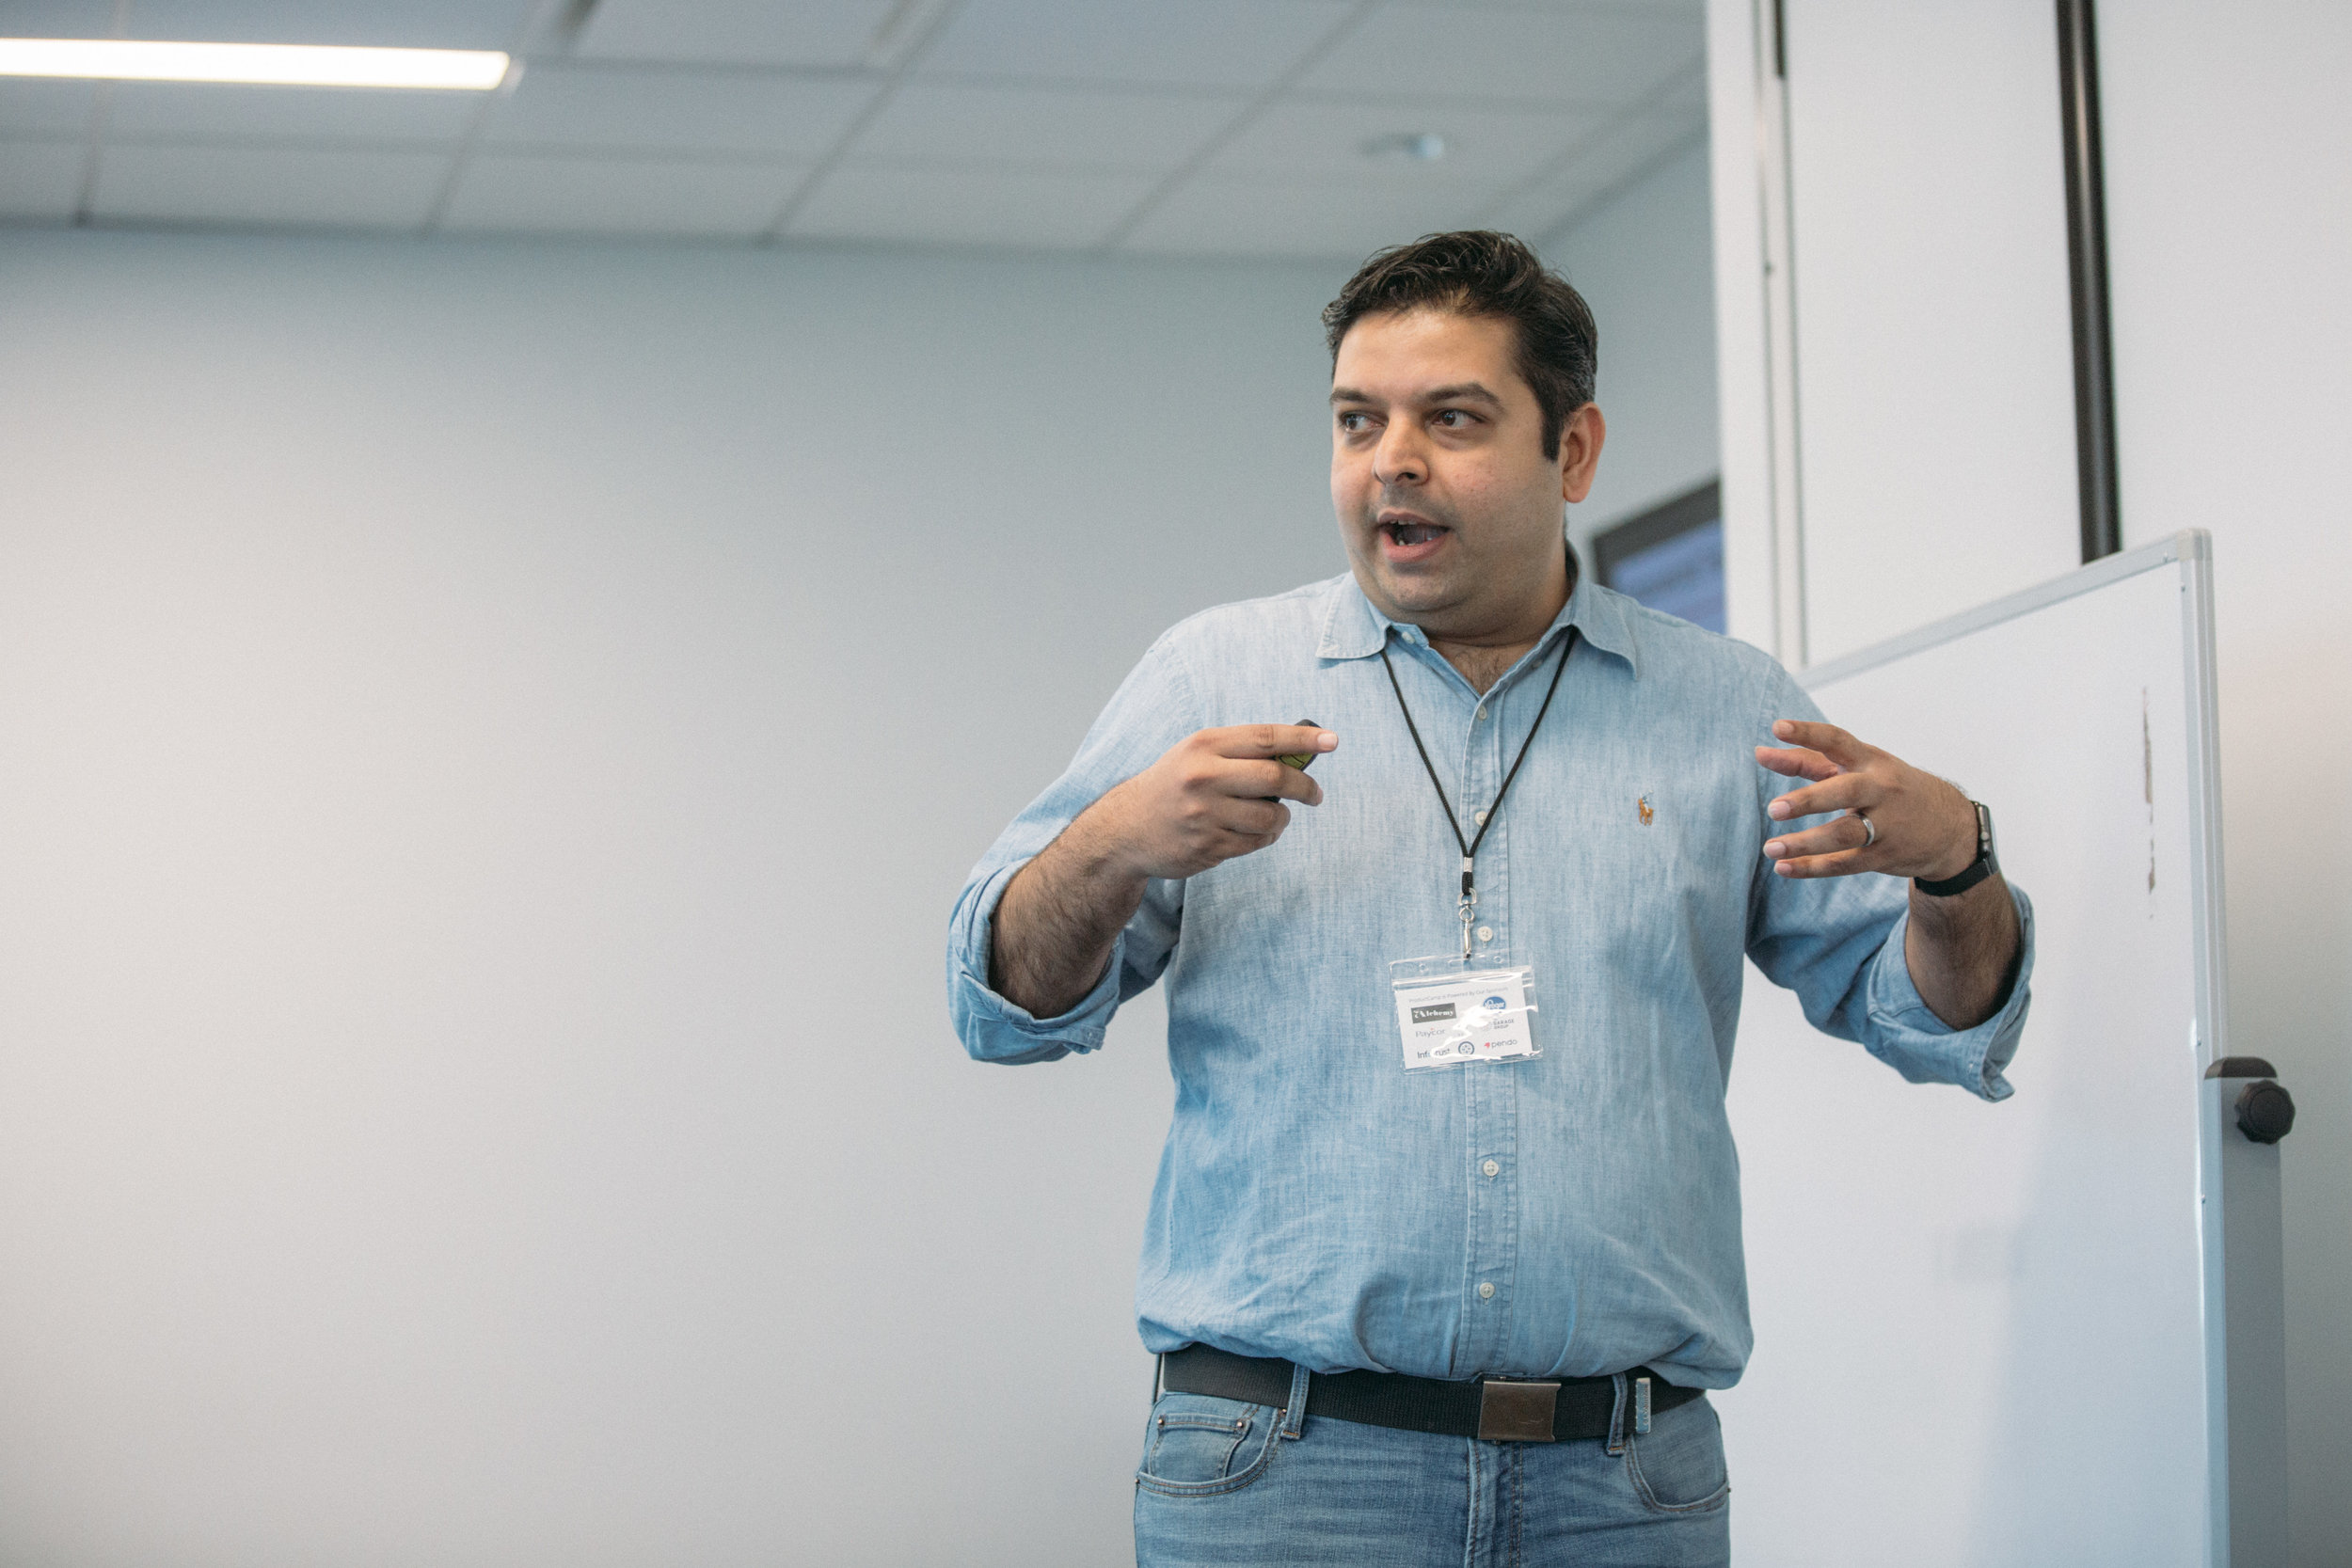 ProductCamp Cincinnati Vikram Speaking 2.JPG